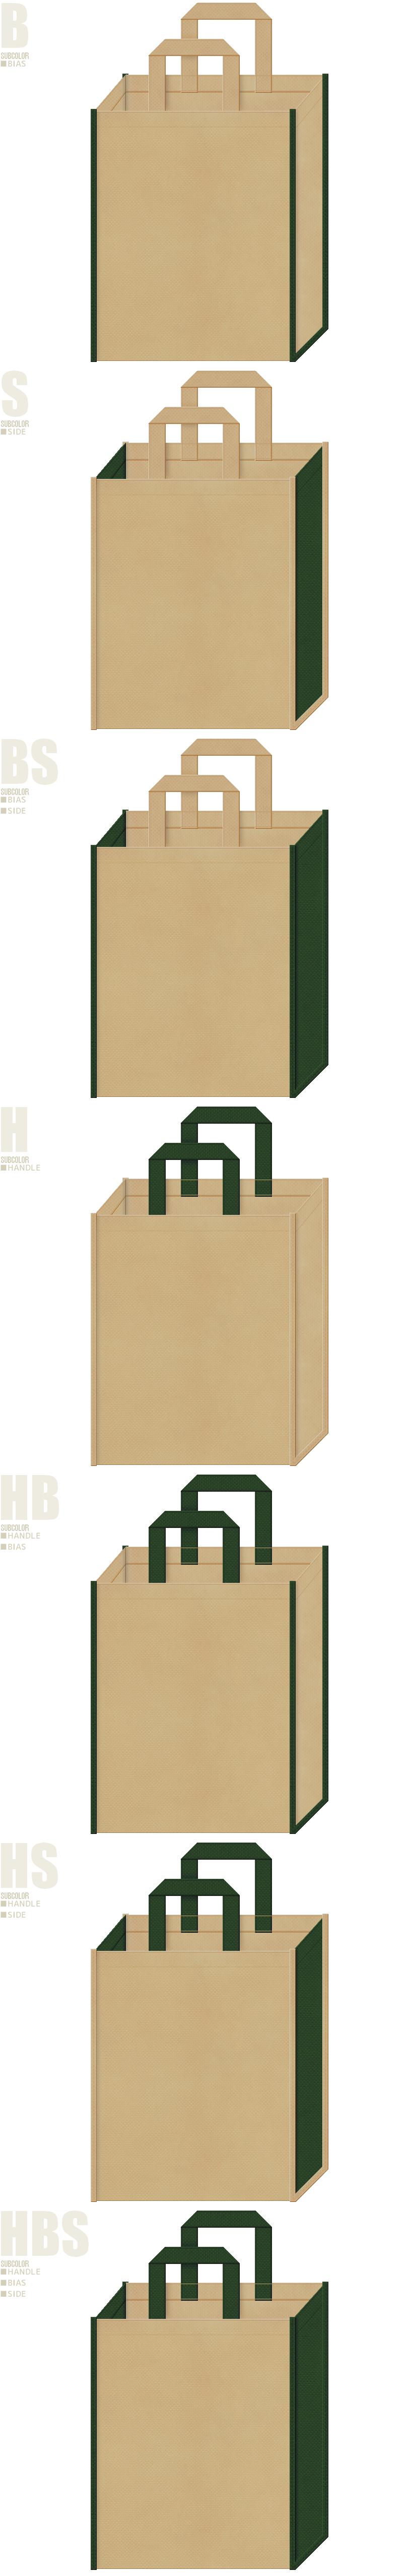 カーキ色と濃緑色、7パターンの不織布トートバッグ配色デザイン例。恐竜、ジャングル系のイベント用不織布バッグにお奨めです。